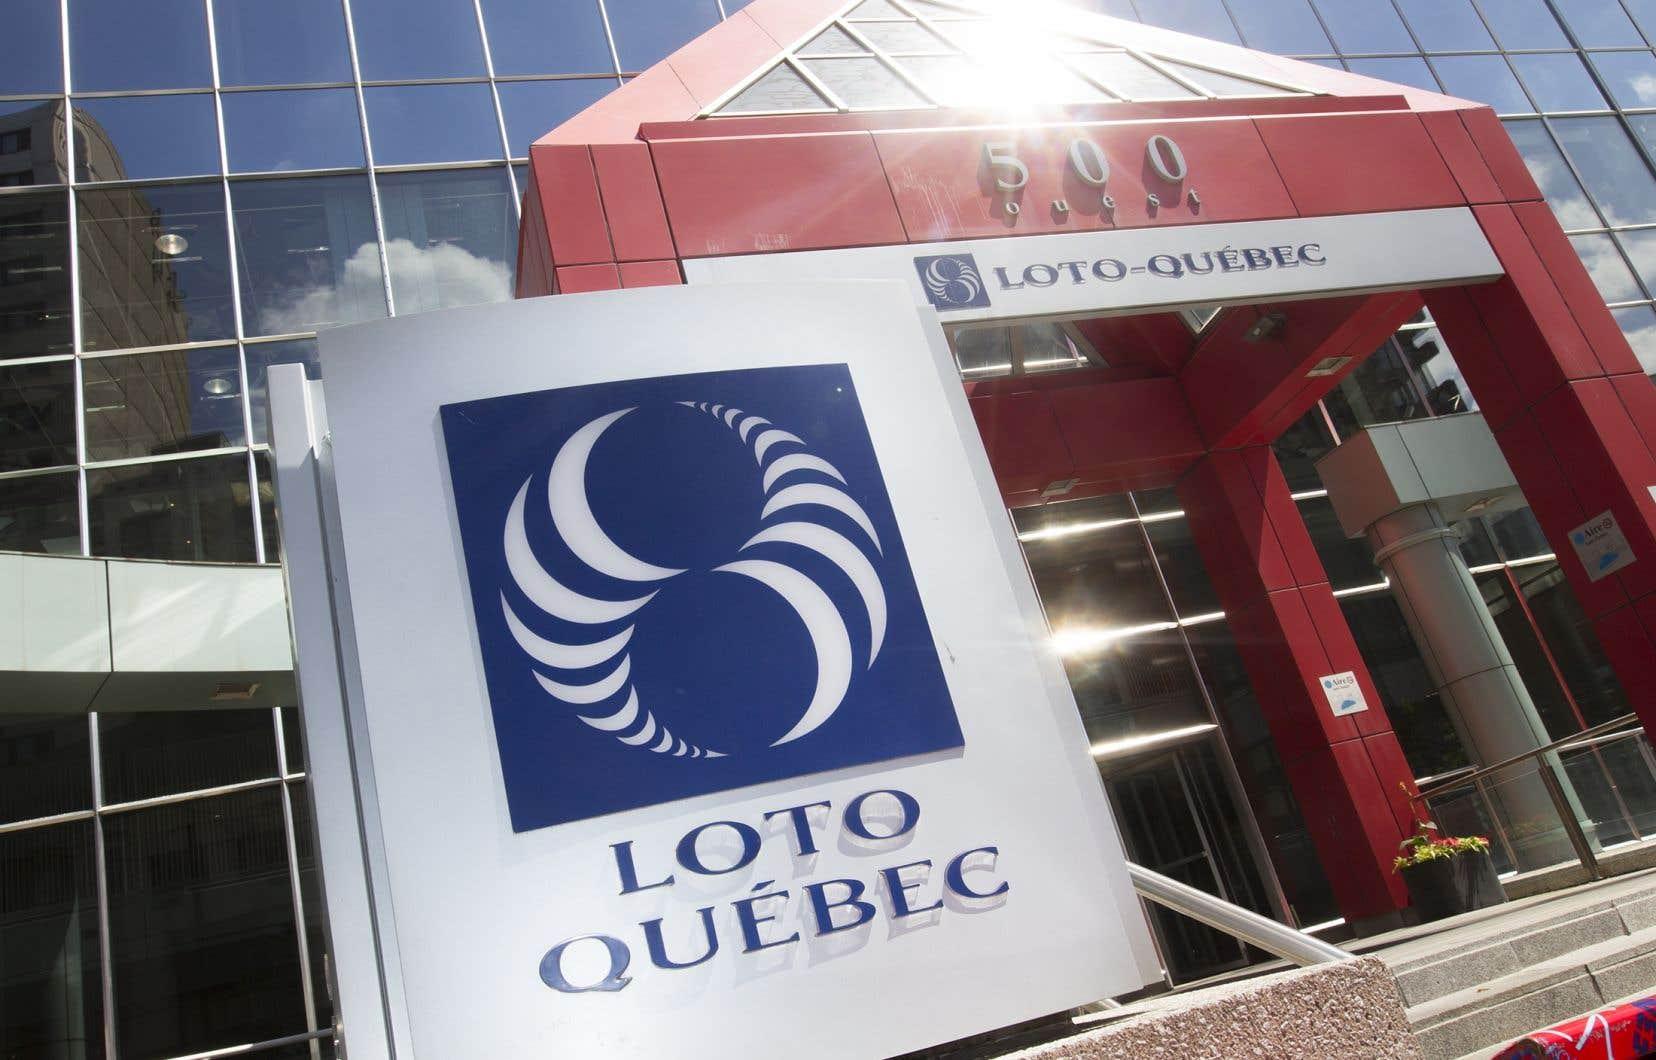 Le 18juin dernier, les syndiqués de Loto-Québec ont adopté à 99,4 % un mandat de grève de 20 jours qu'ils entendent utiliser de façon stratégique.